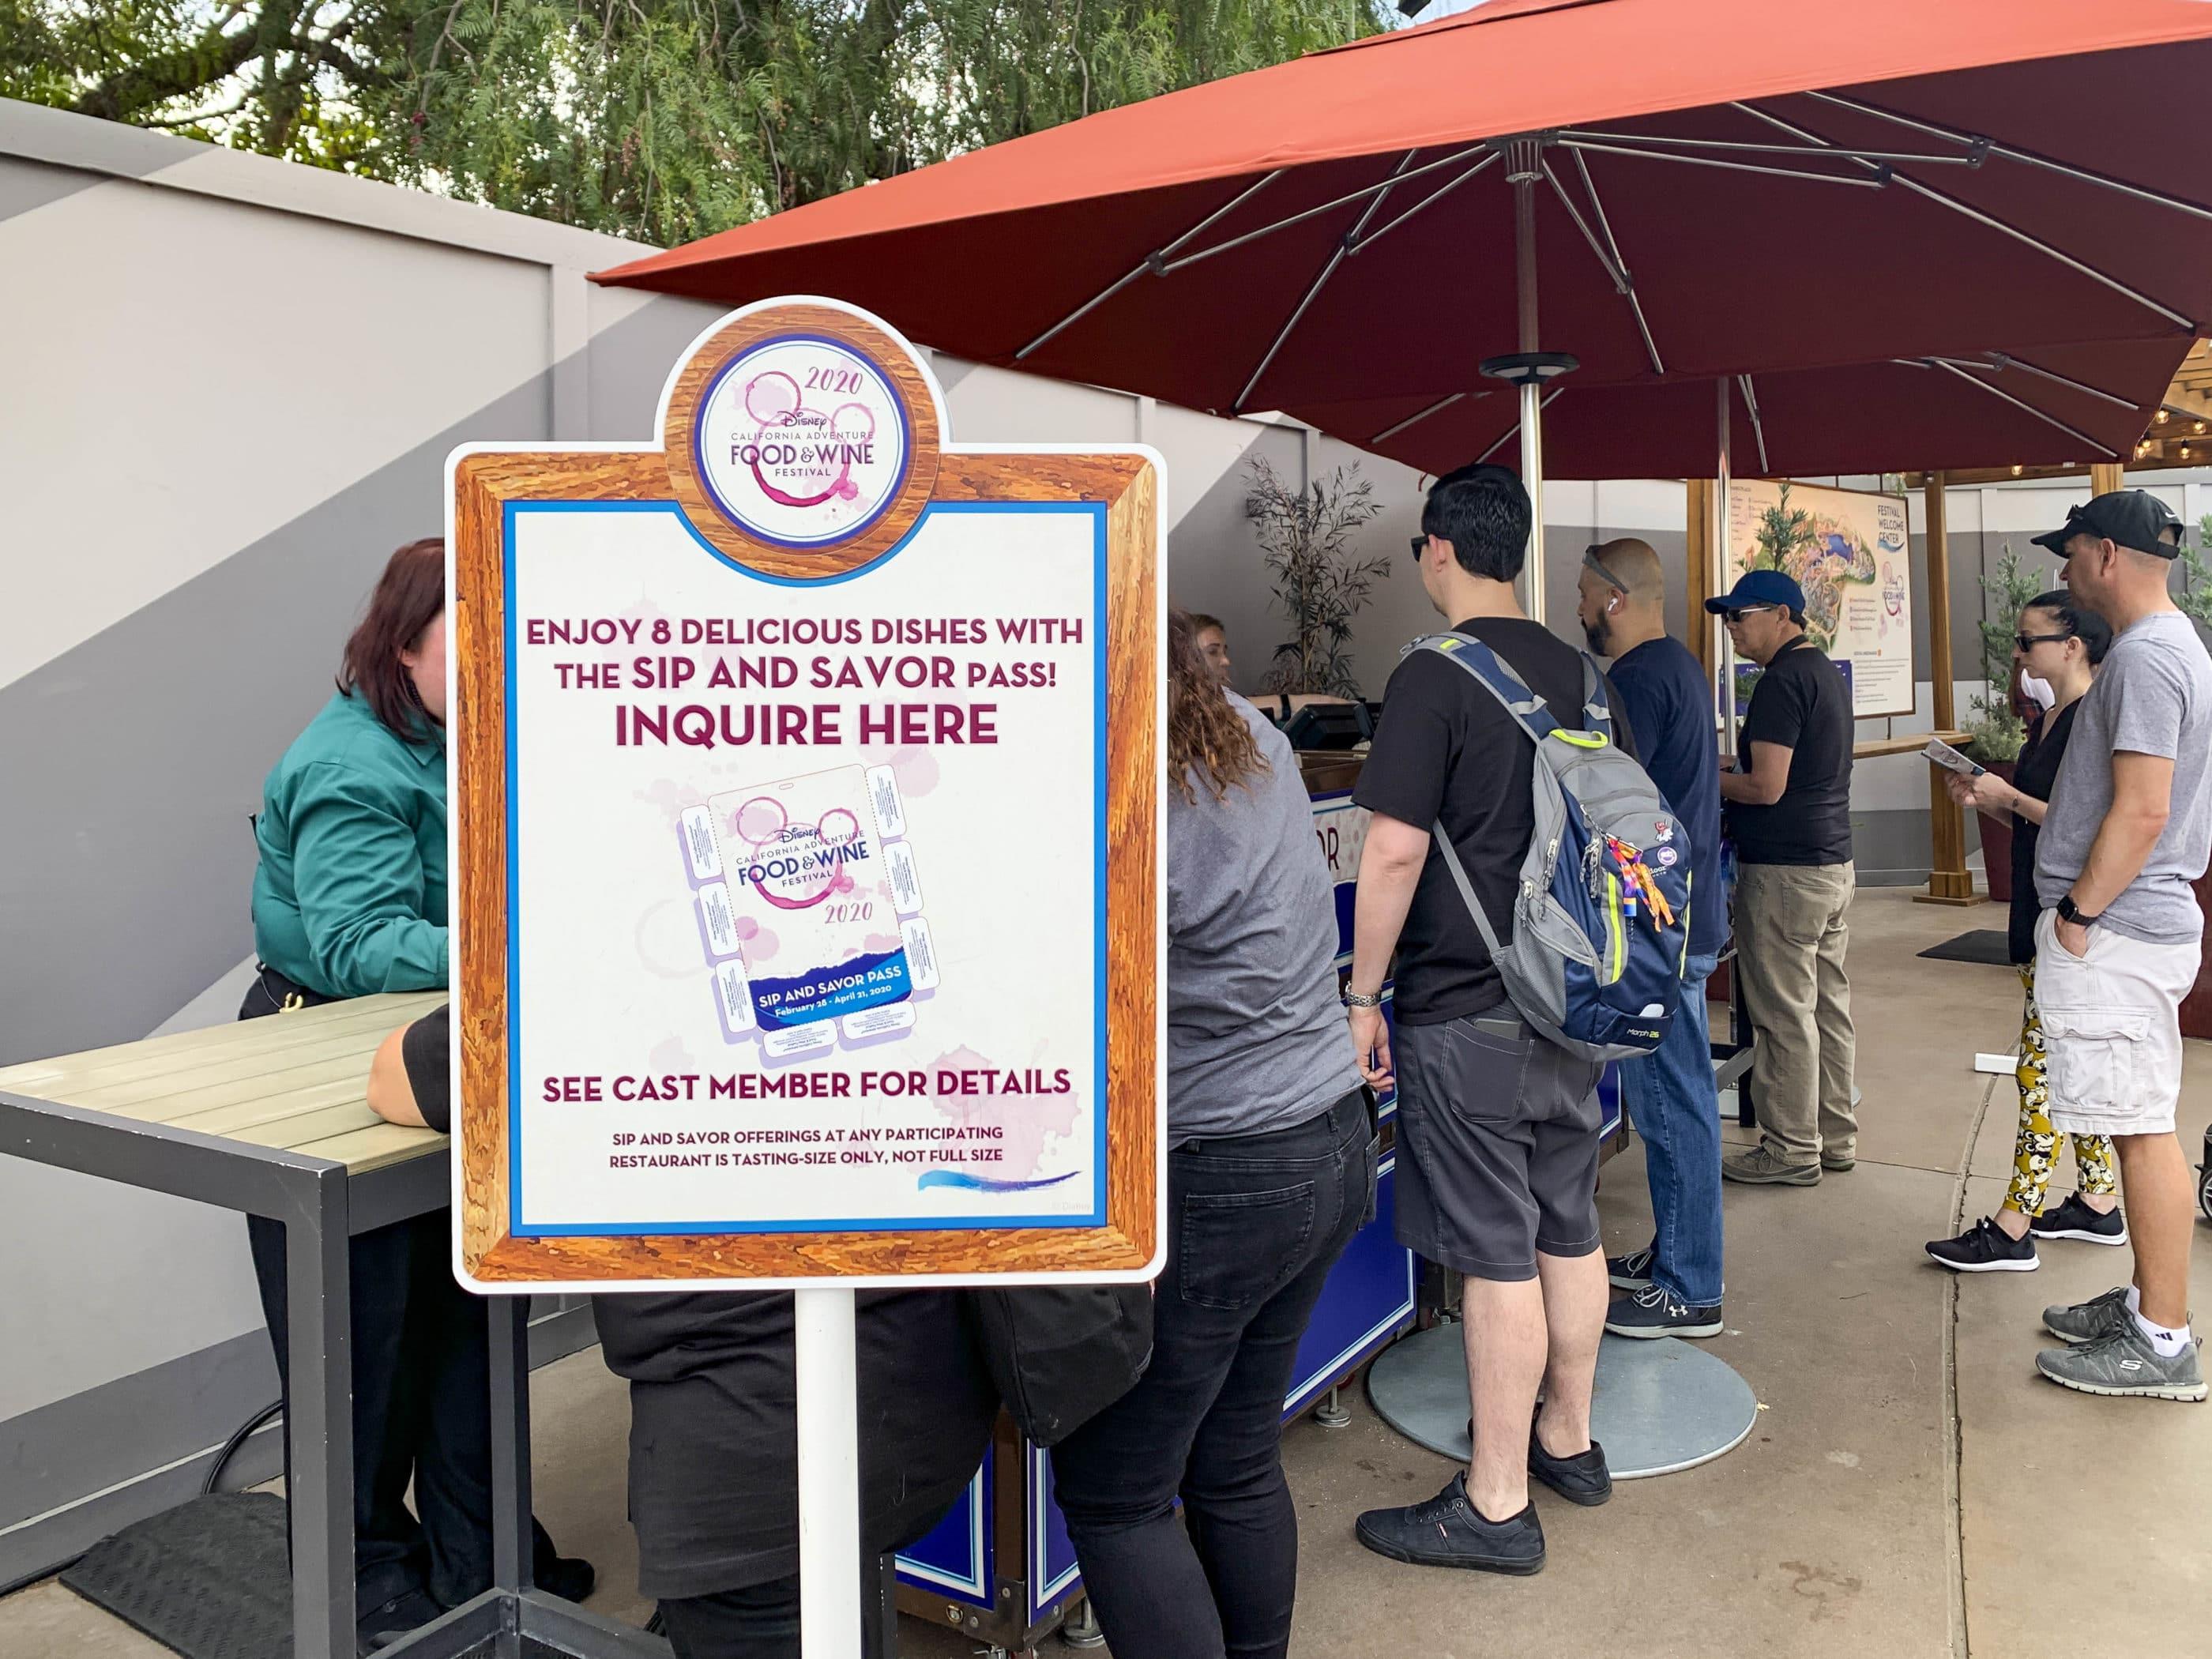 Les gens font la queue pour acheter le pass Sip and Savor au festival.